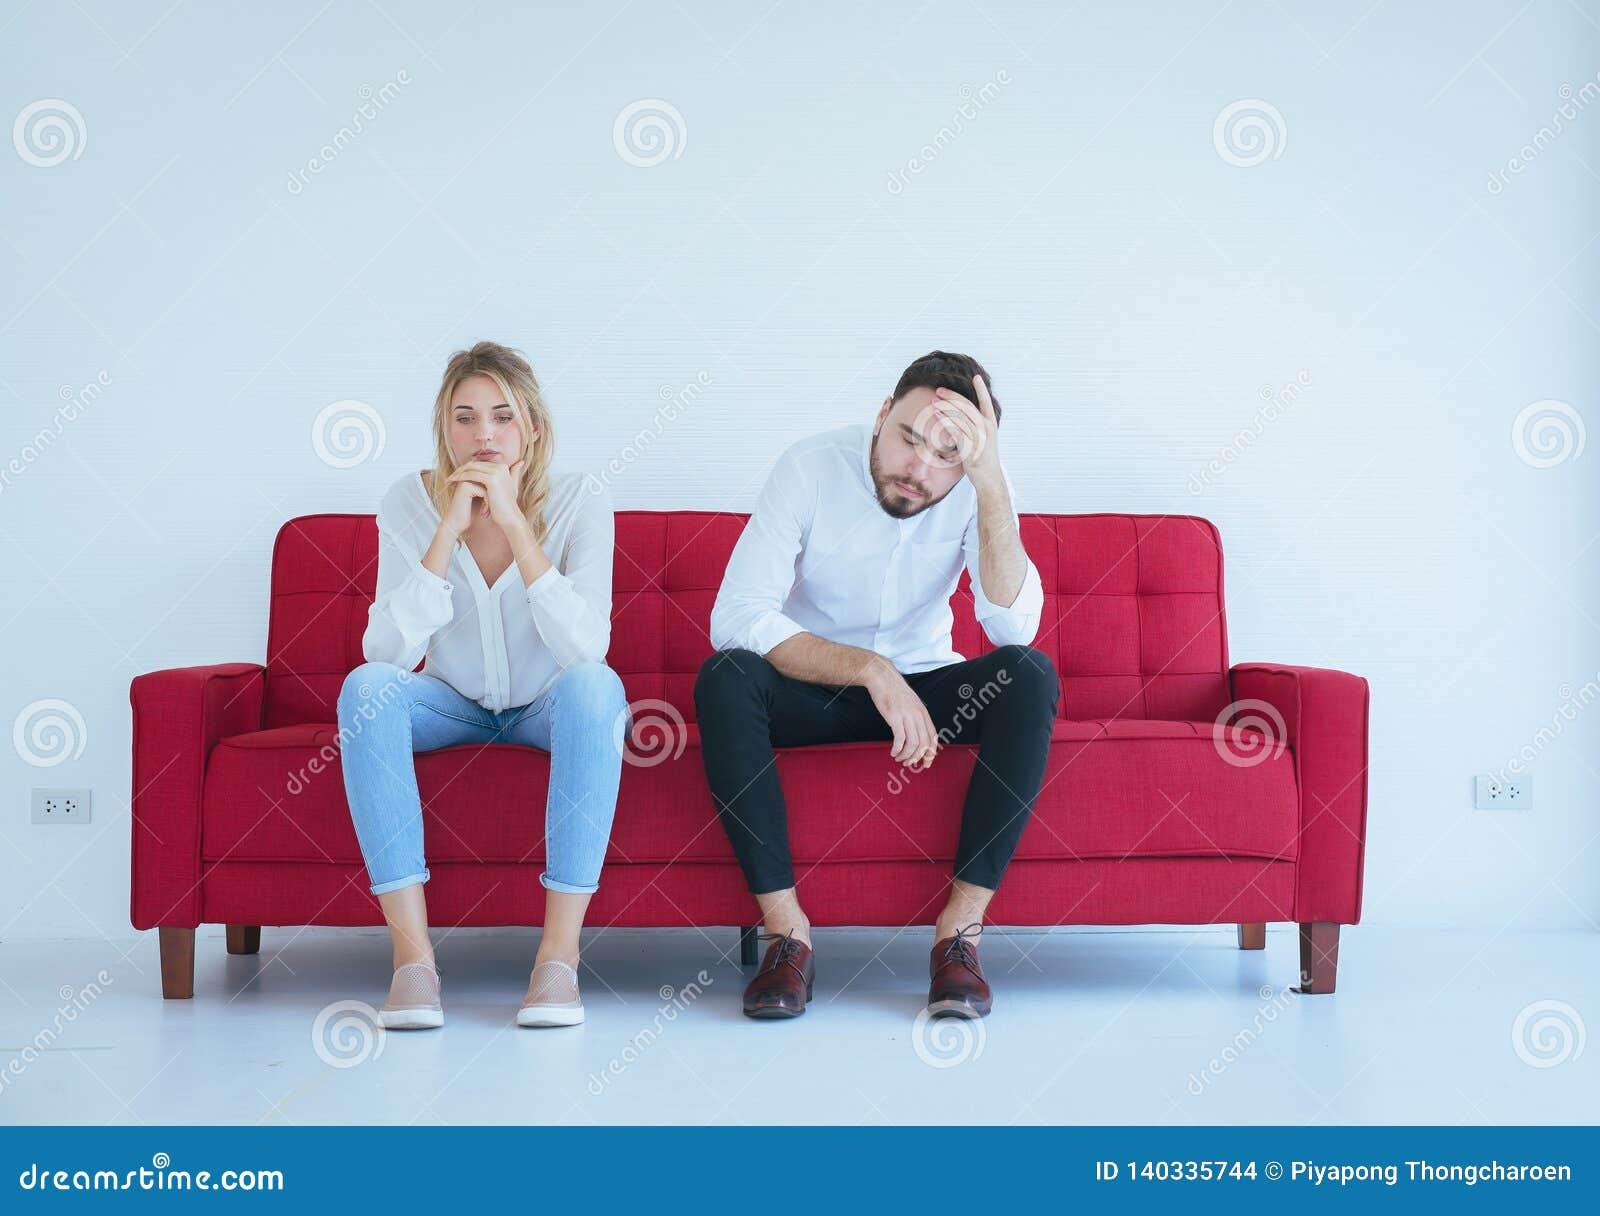 Φιλονικία συζύγων με τη σύγκρουση συζύγων και τρυπώντας ζεύγος στον κόκκινο καναπέ, αρνητικές συγκινήσεις, διάστημα αντιγράφων γι